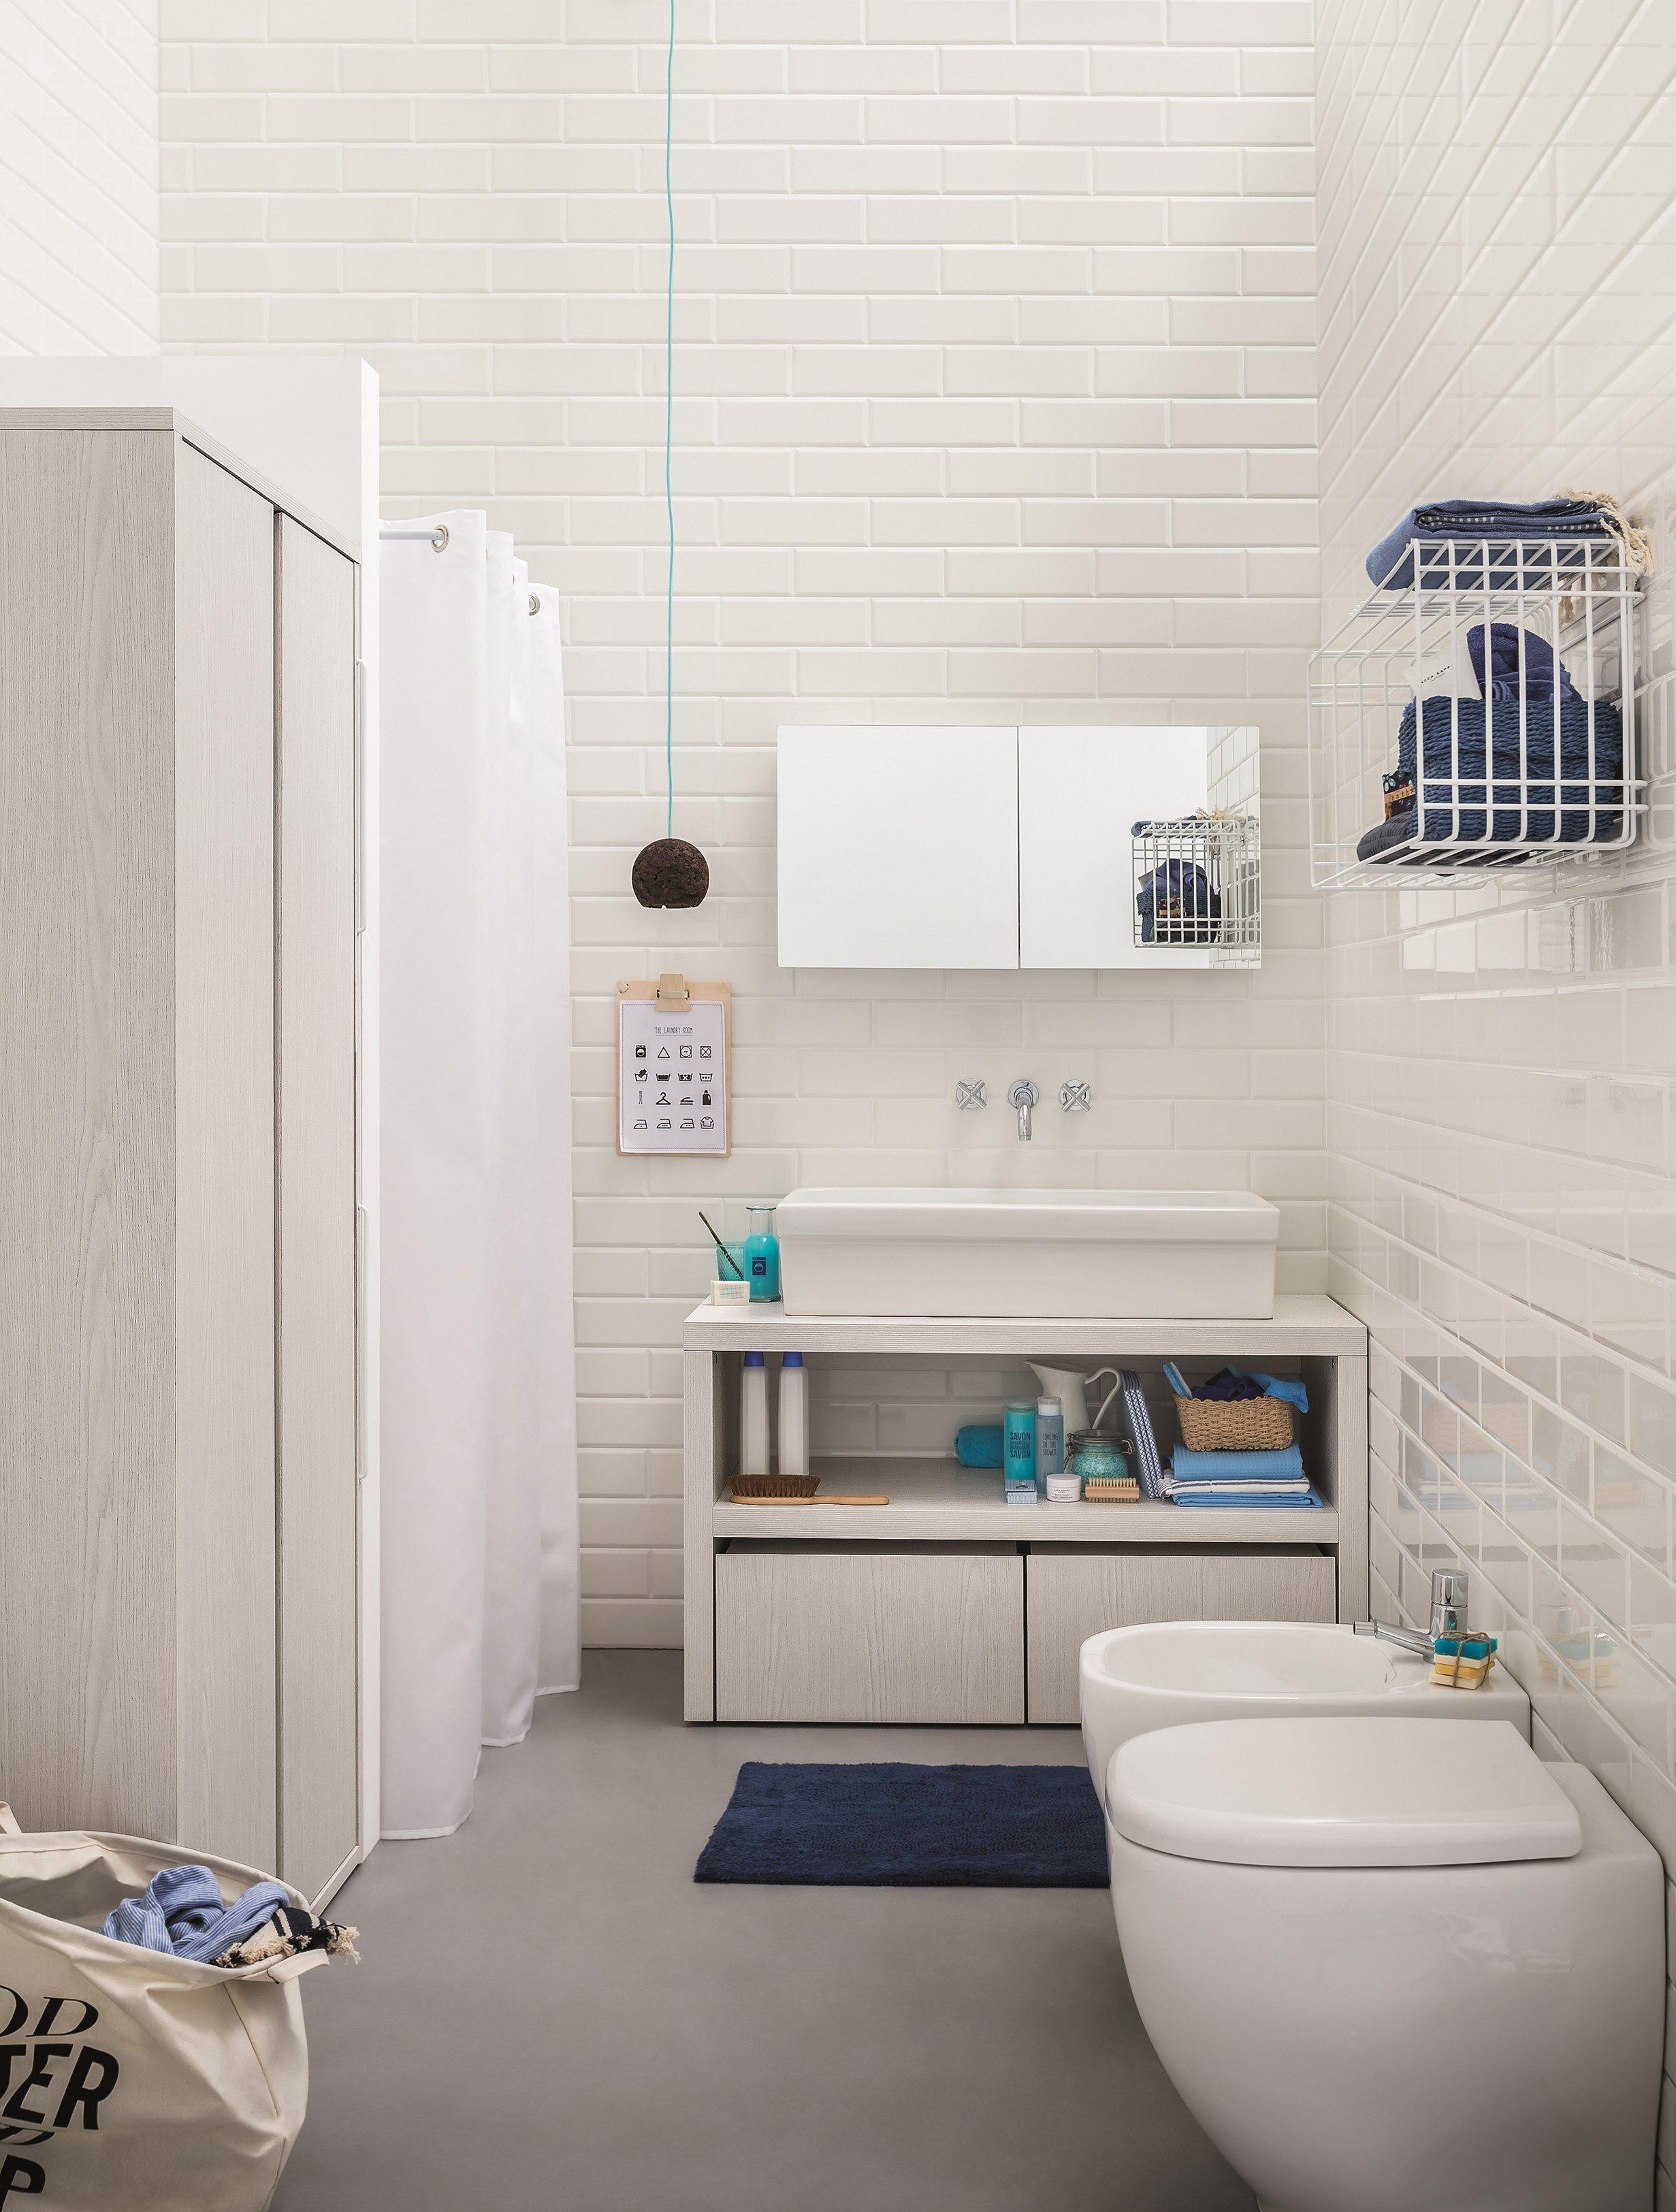 Acqua e sapone espejo para ba o by birex dise o monica graffeo for Bano con lavanderia